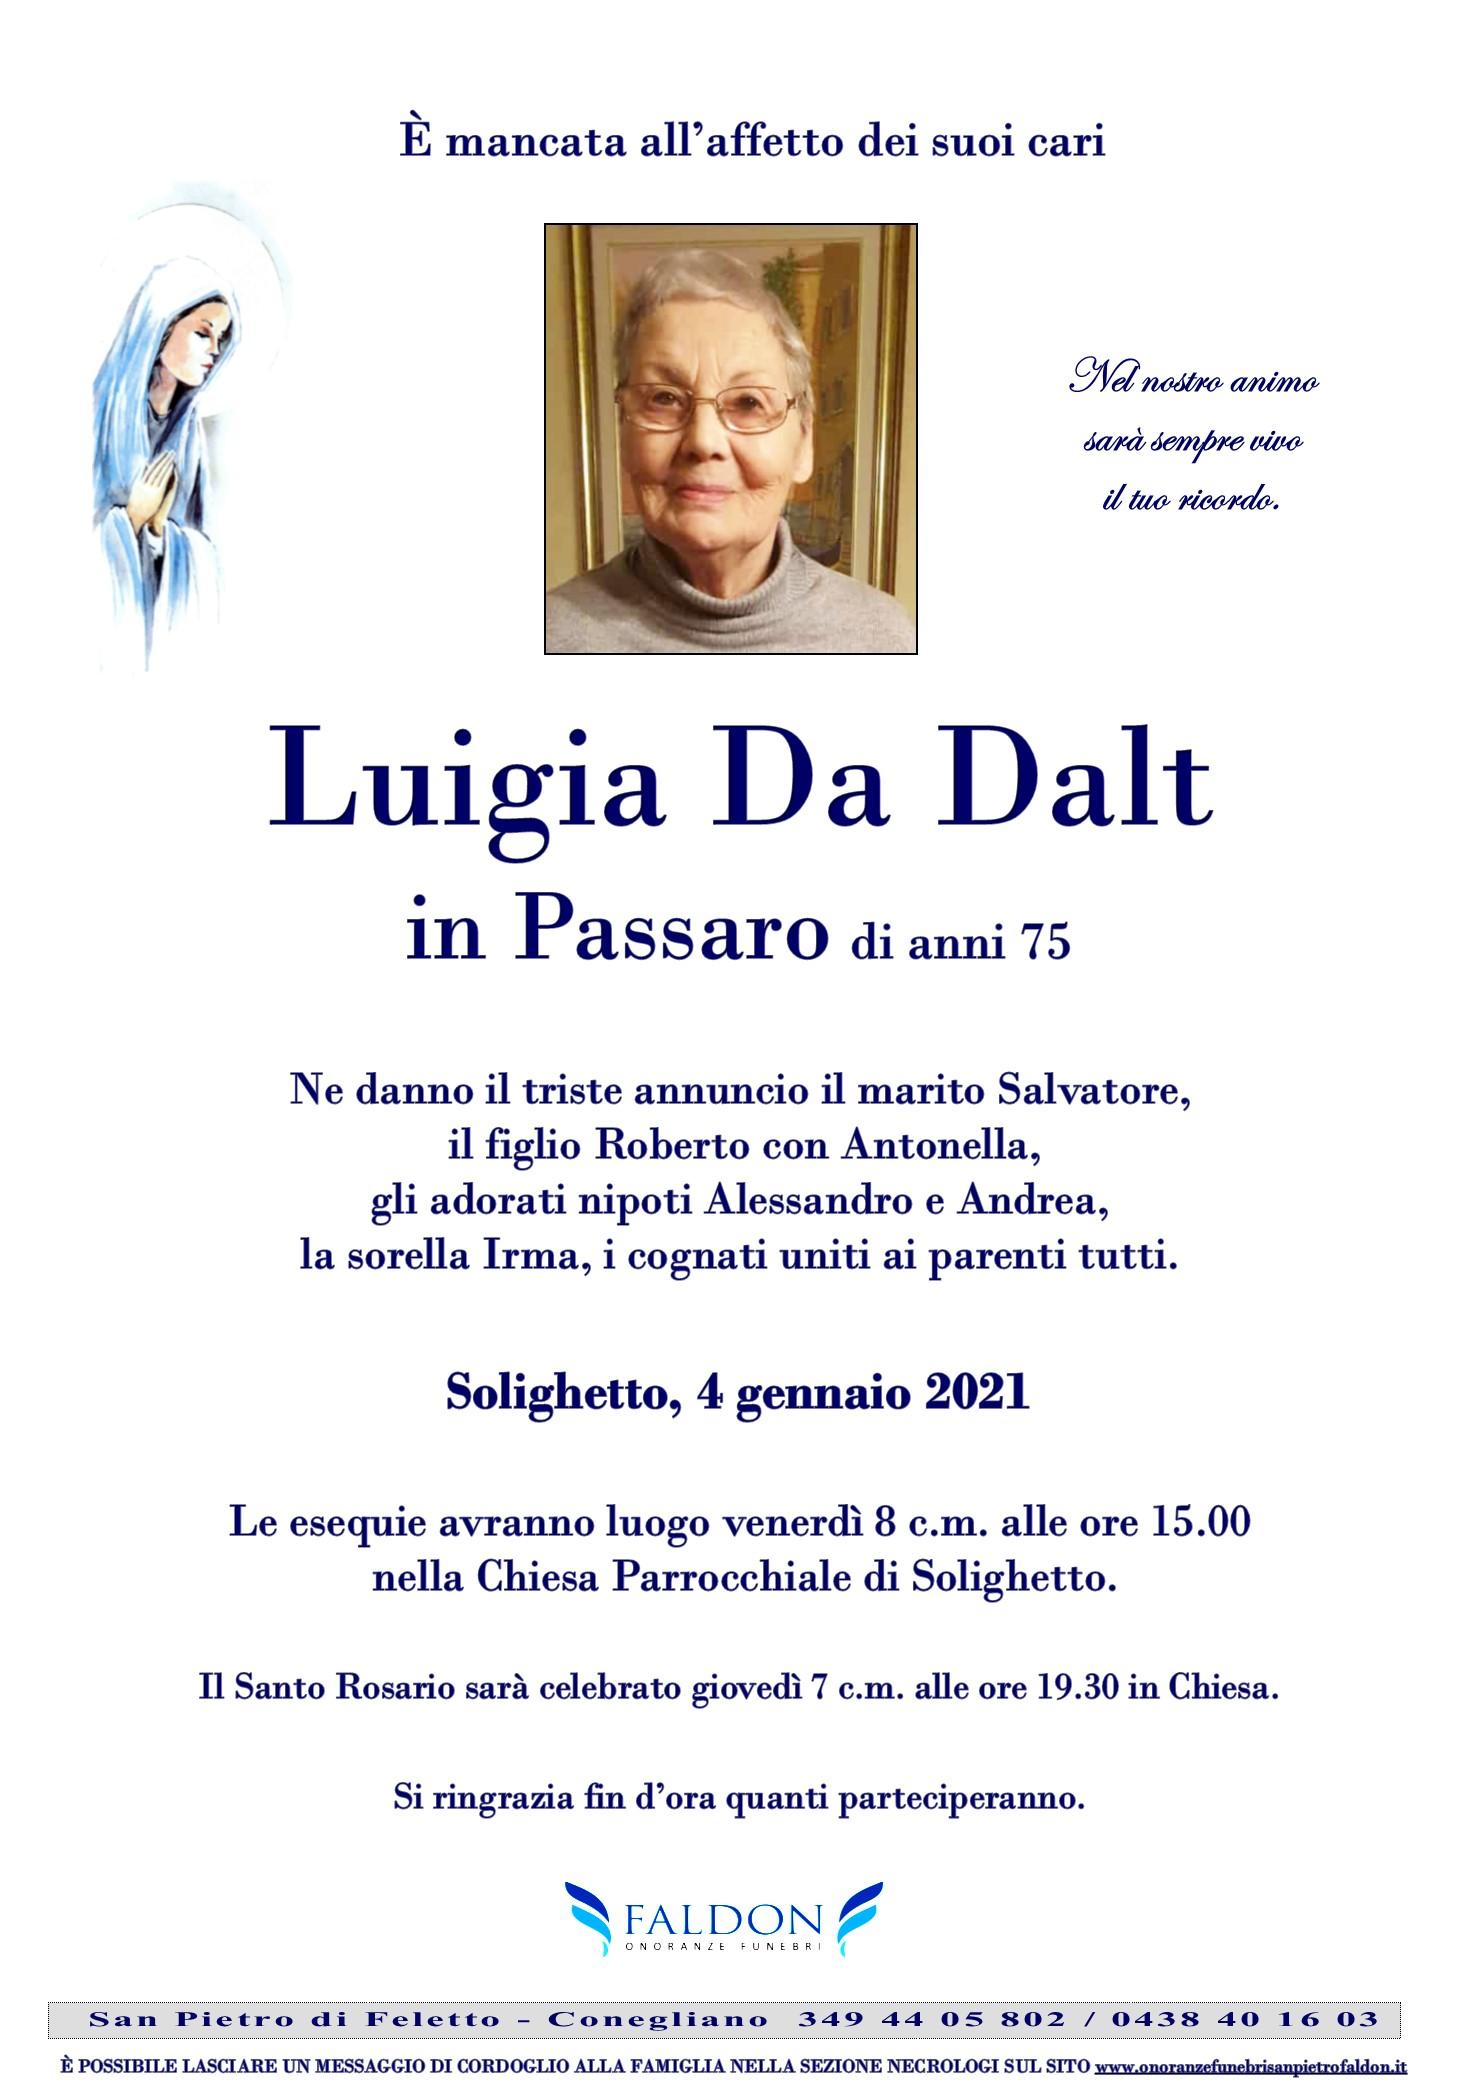 Luigia Da Dalt